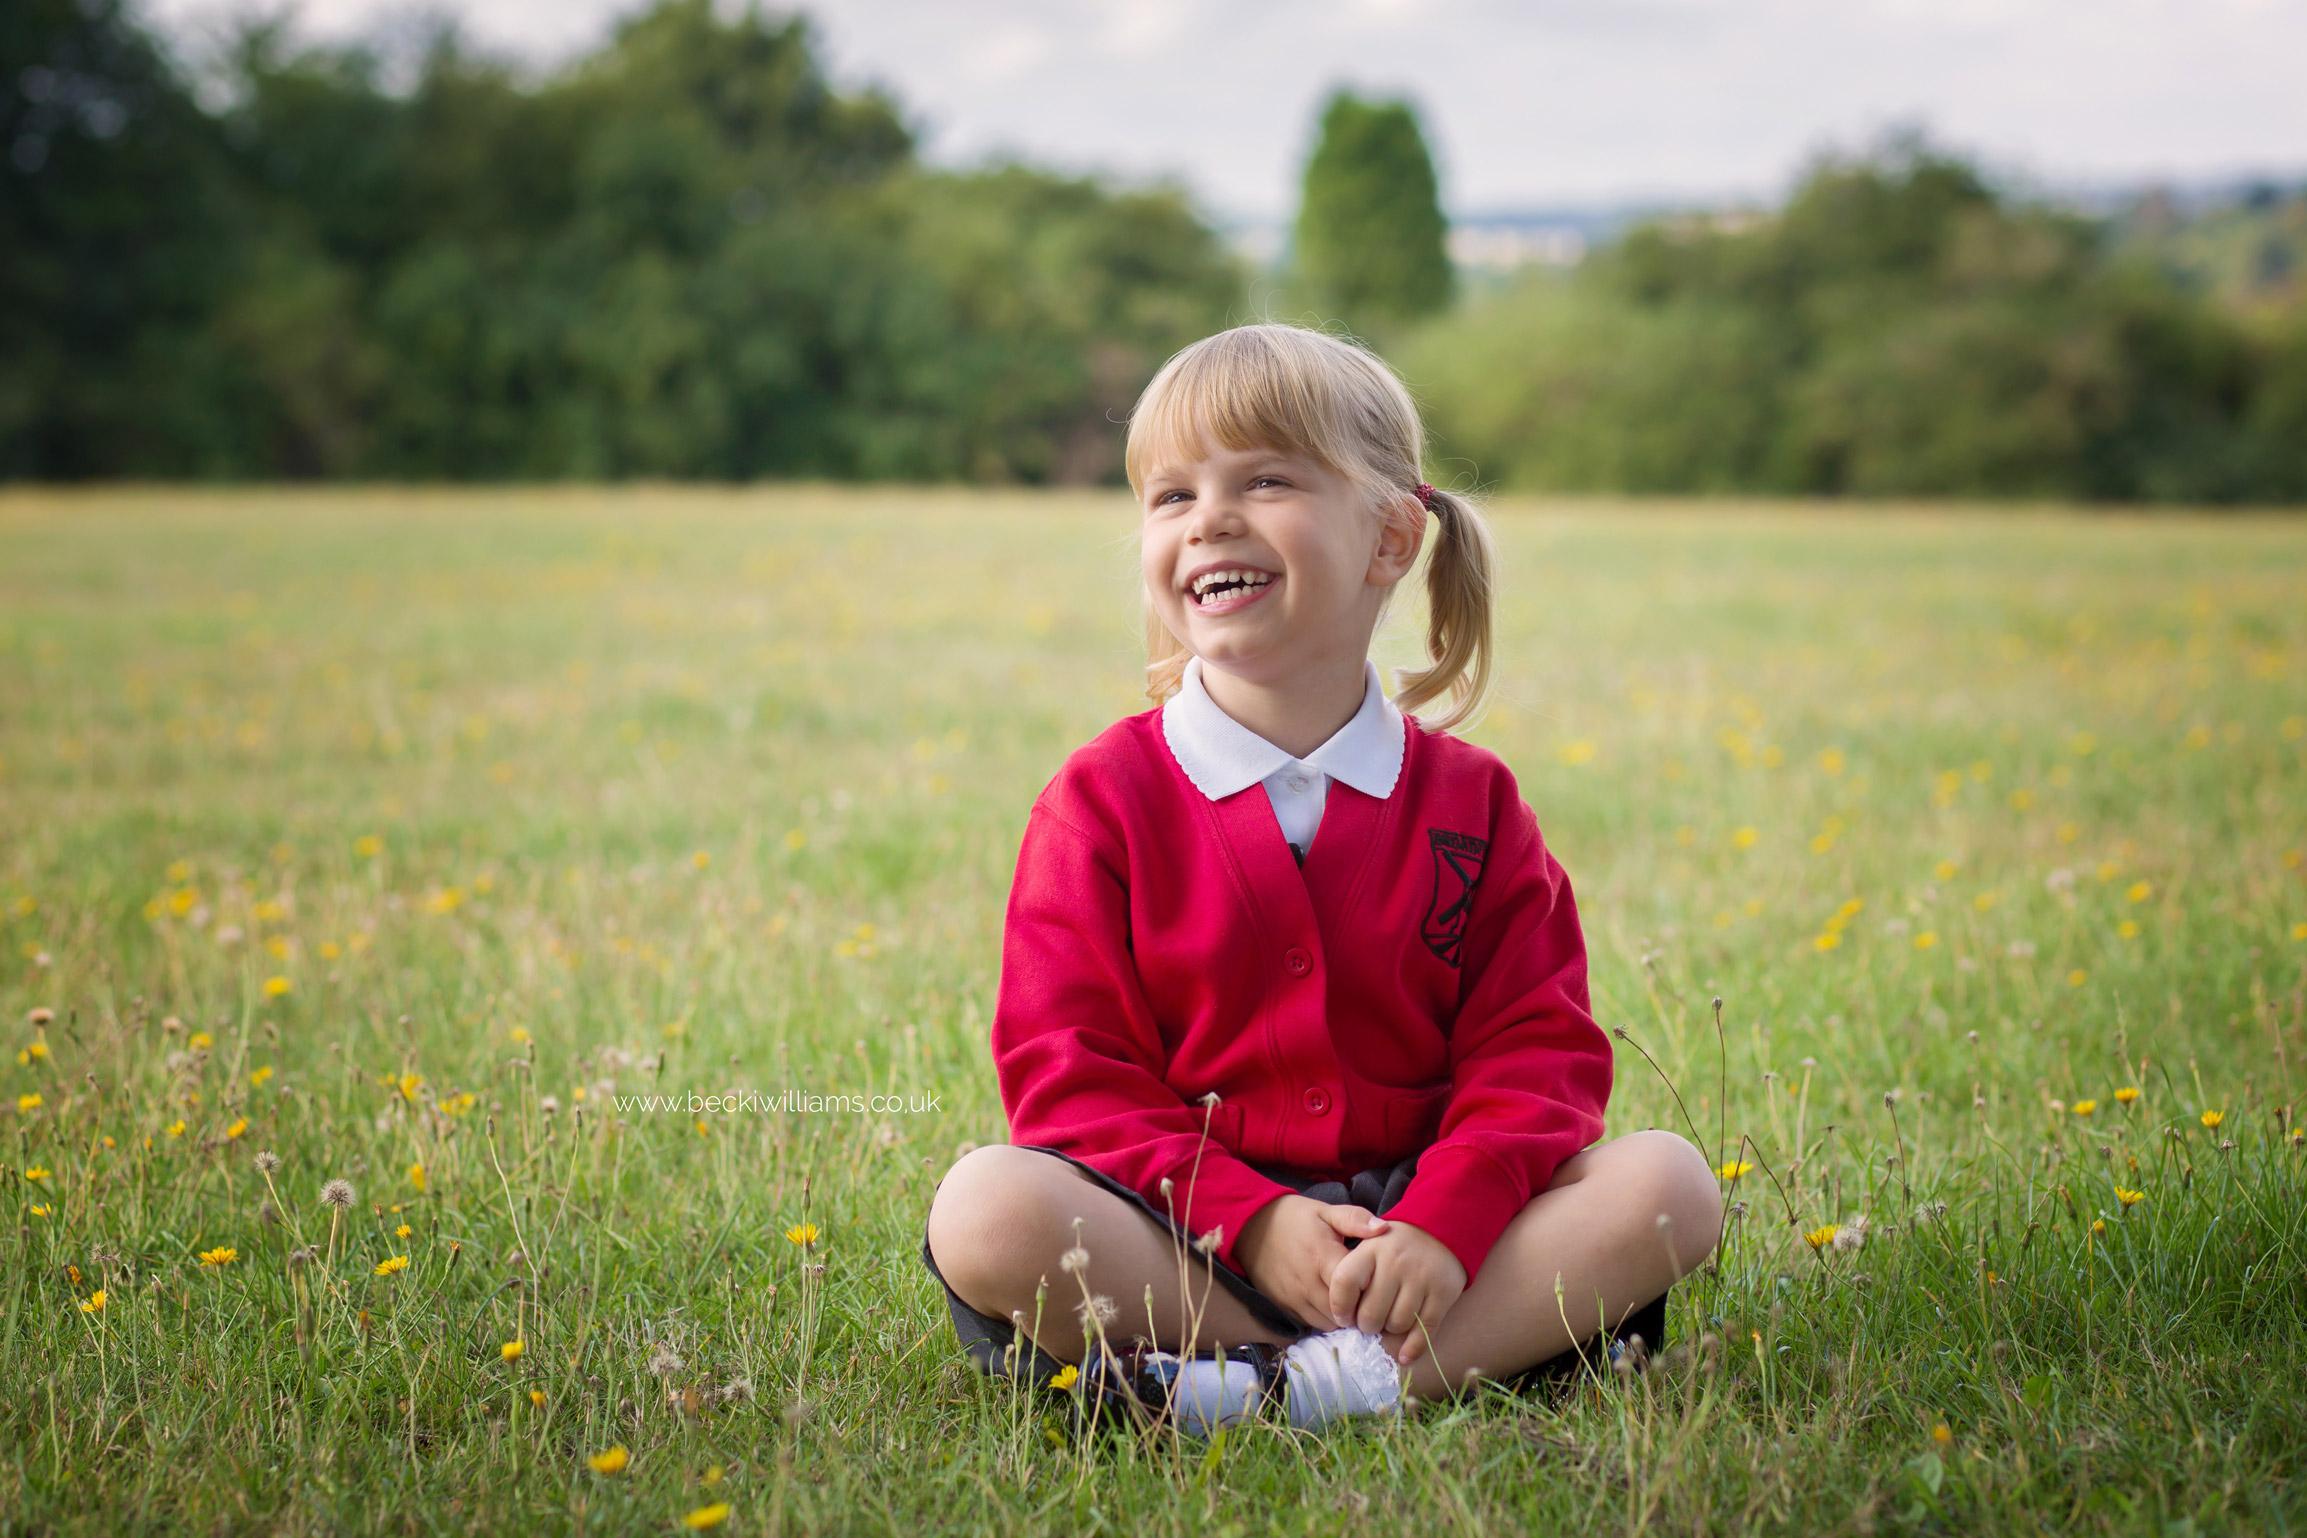 school-photos-in-Hertfordshire-8.jpg